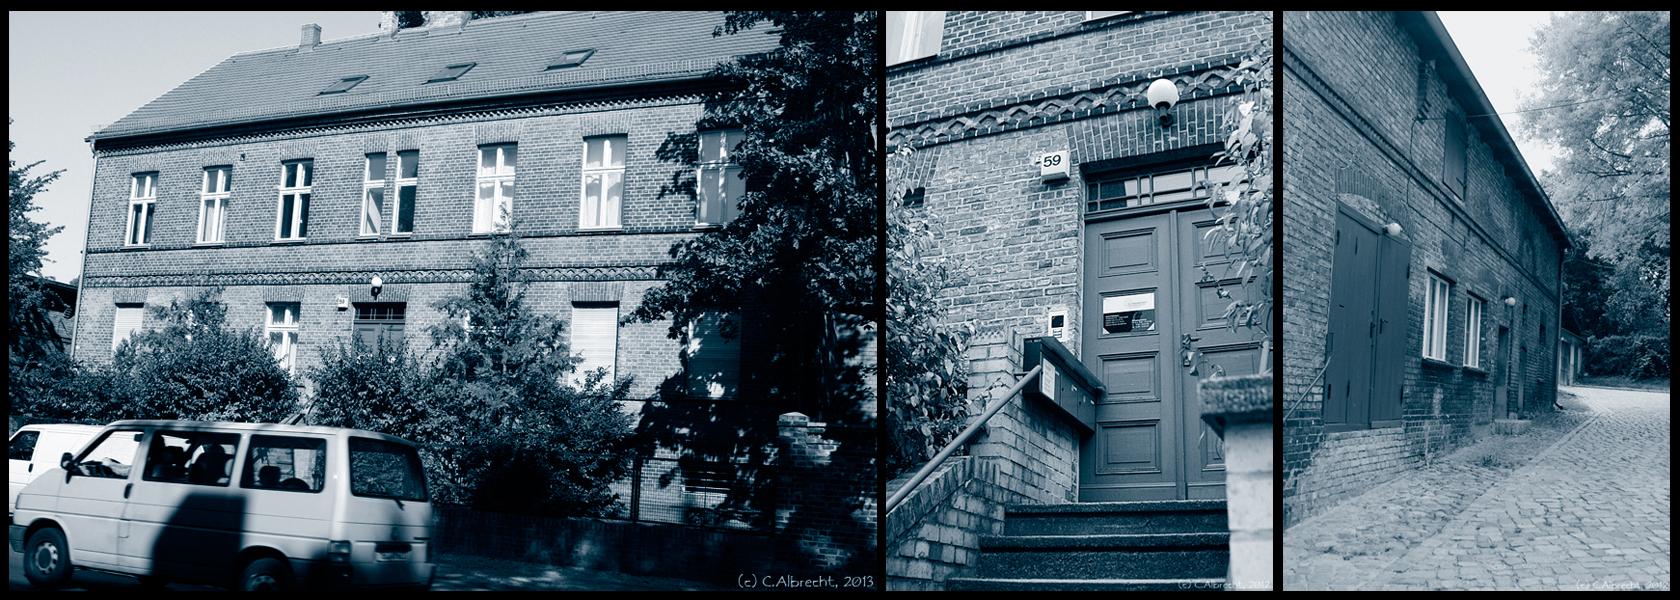 Pfarrhaus und Nebengebäude der Ev. Versöhnungskirchengemeinde Berlin-Biesdorf (ehemals Pfarrerwohnort  - heute Gemeindebüro, Mietwohnen und Versammlungsräume)